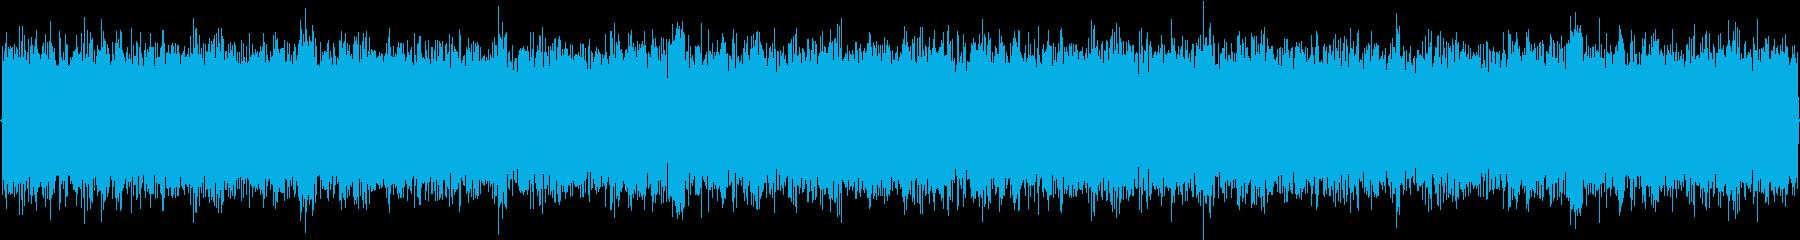 デジタル_怪しいの再生済みの波形